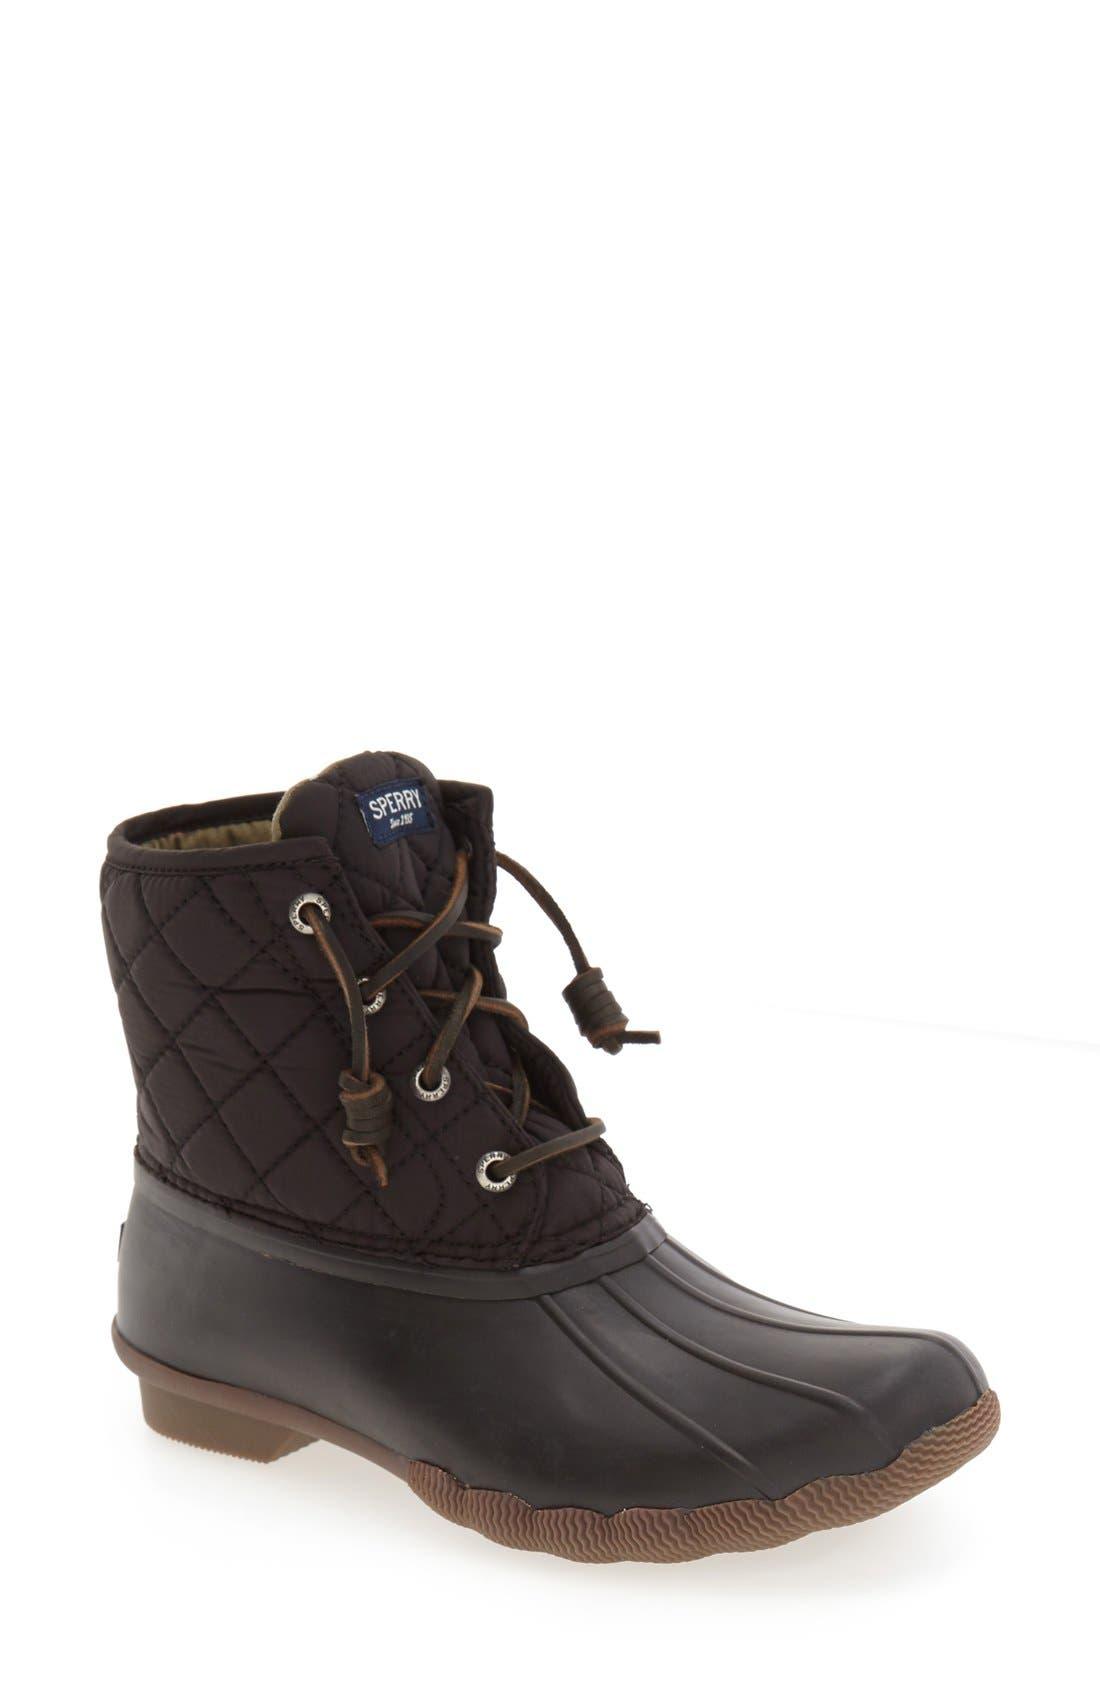 'Saltwater' Waterproof Rain Boot,                         Main,                         color, Black